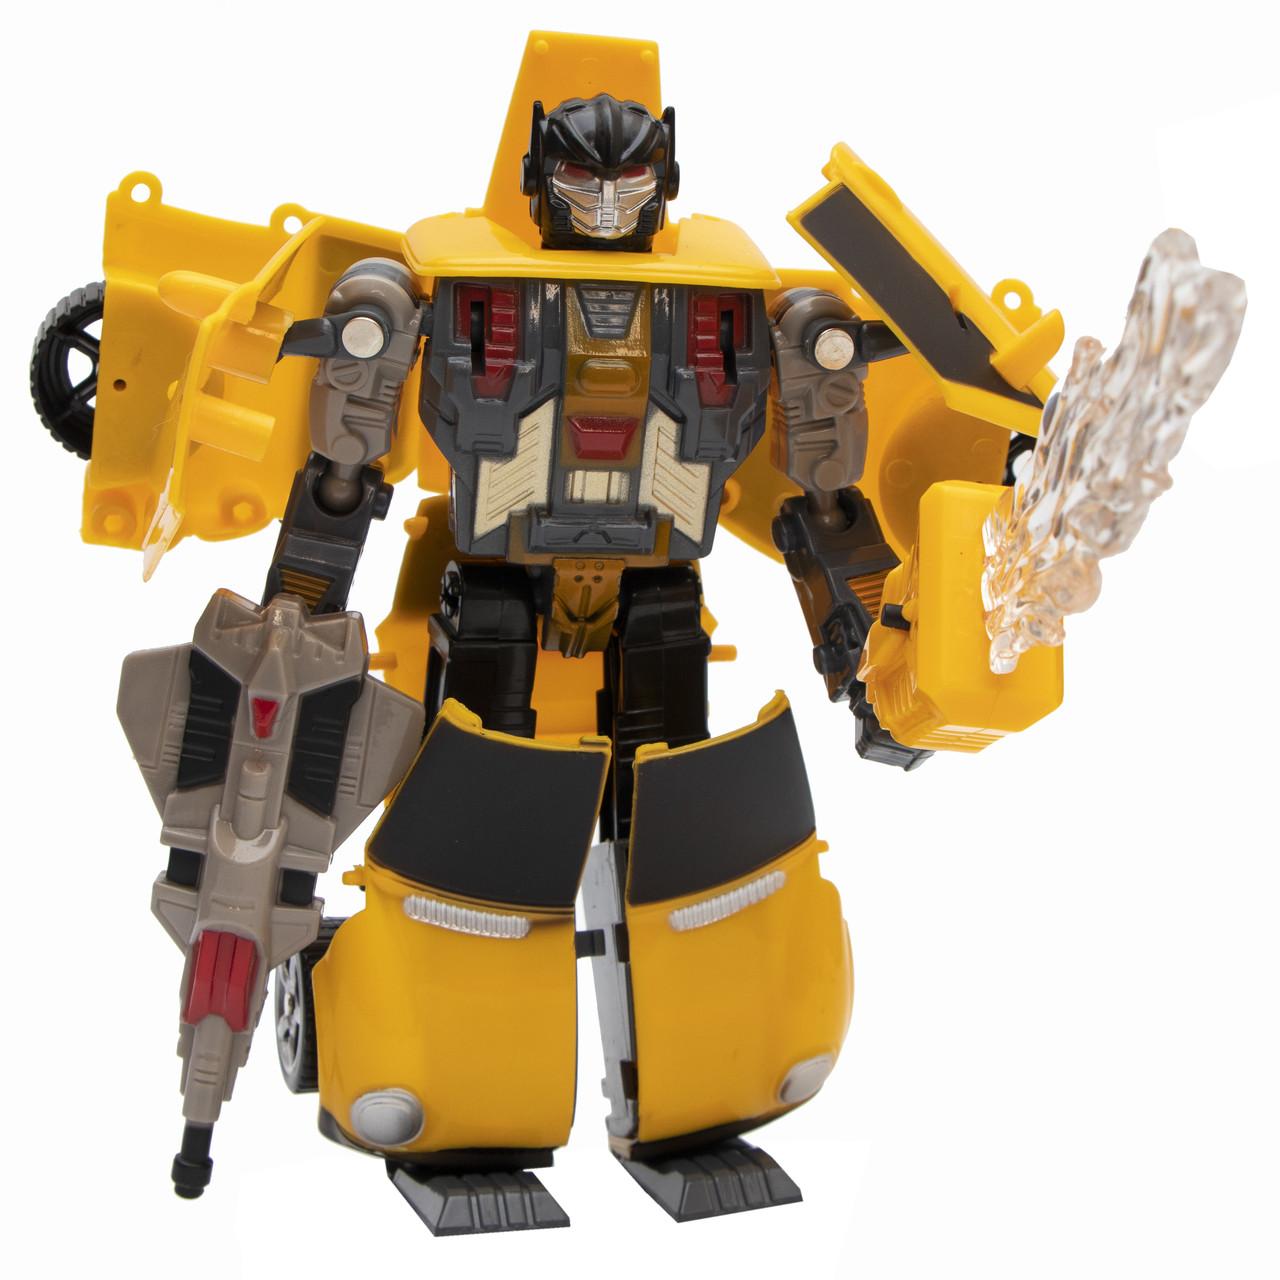 Трансформер-робот, желтый универсал (9391-4)